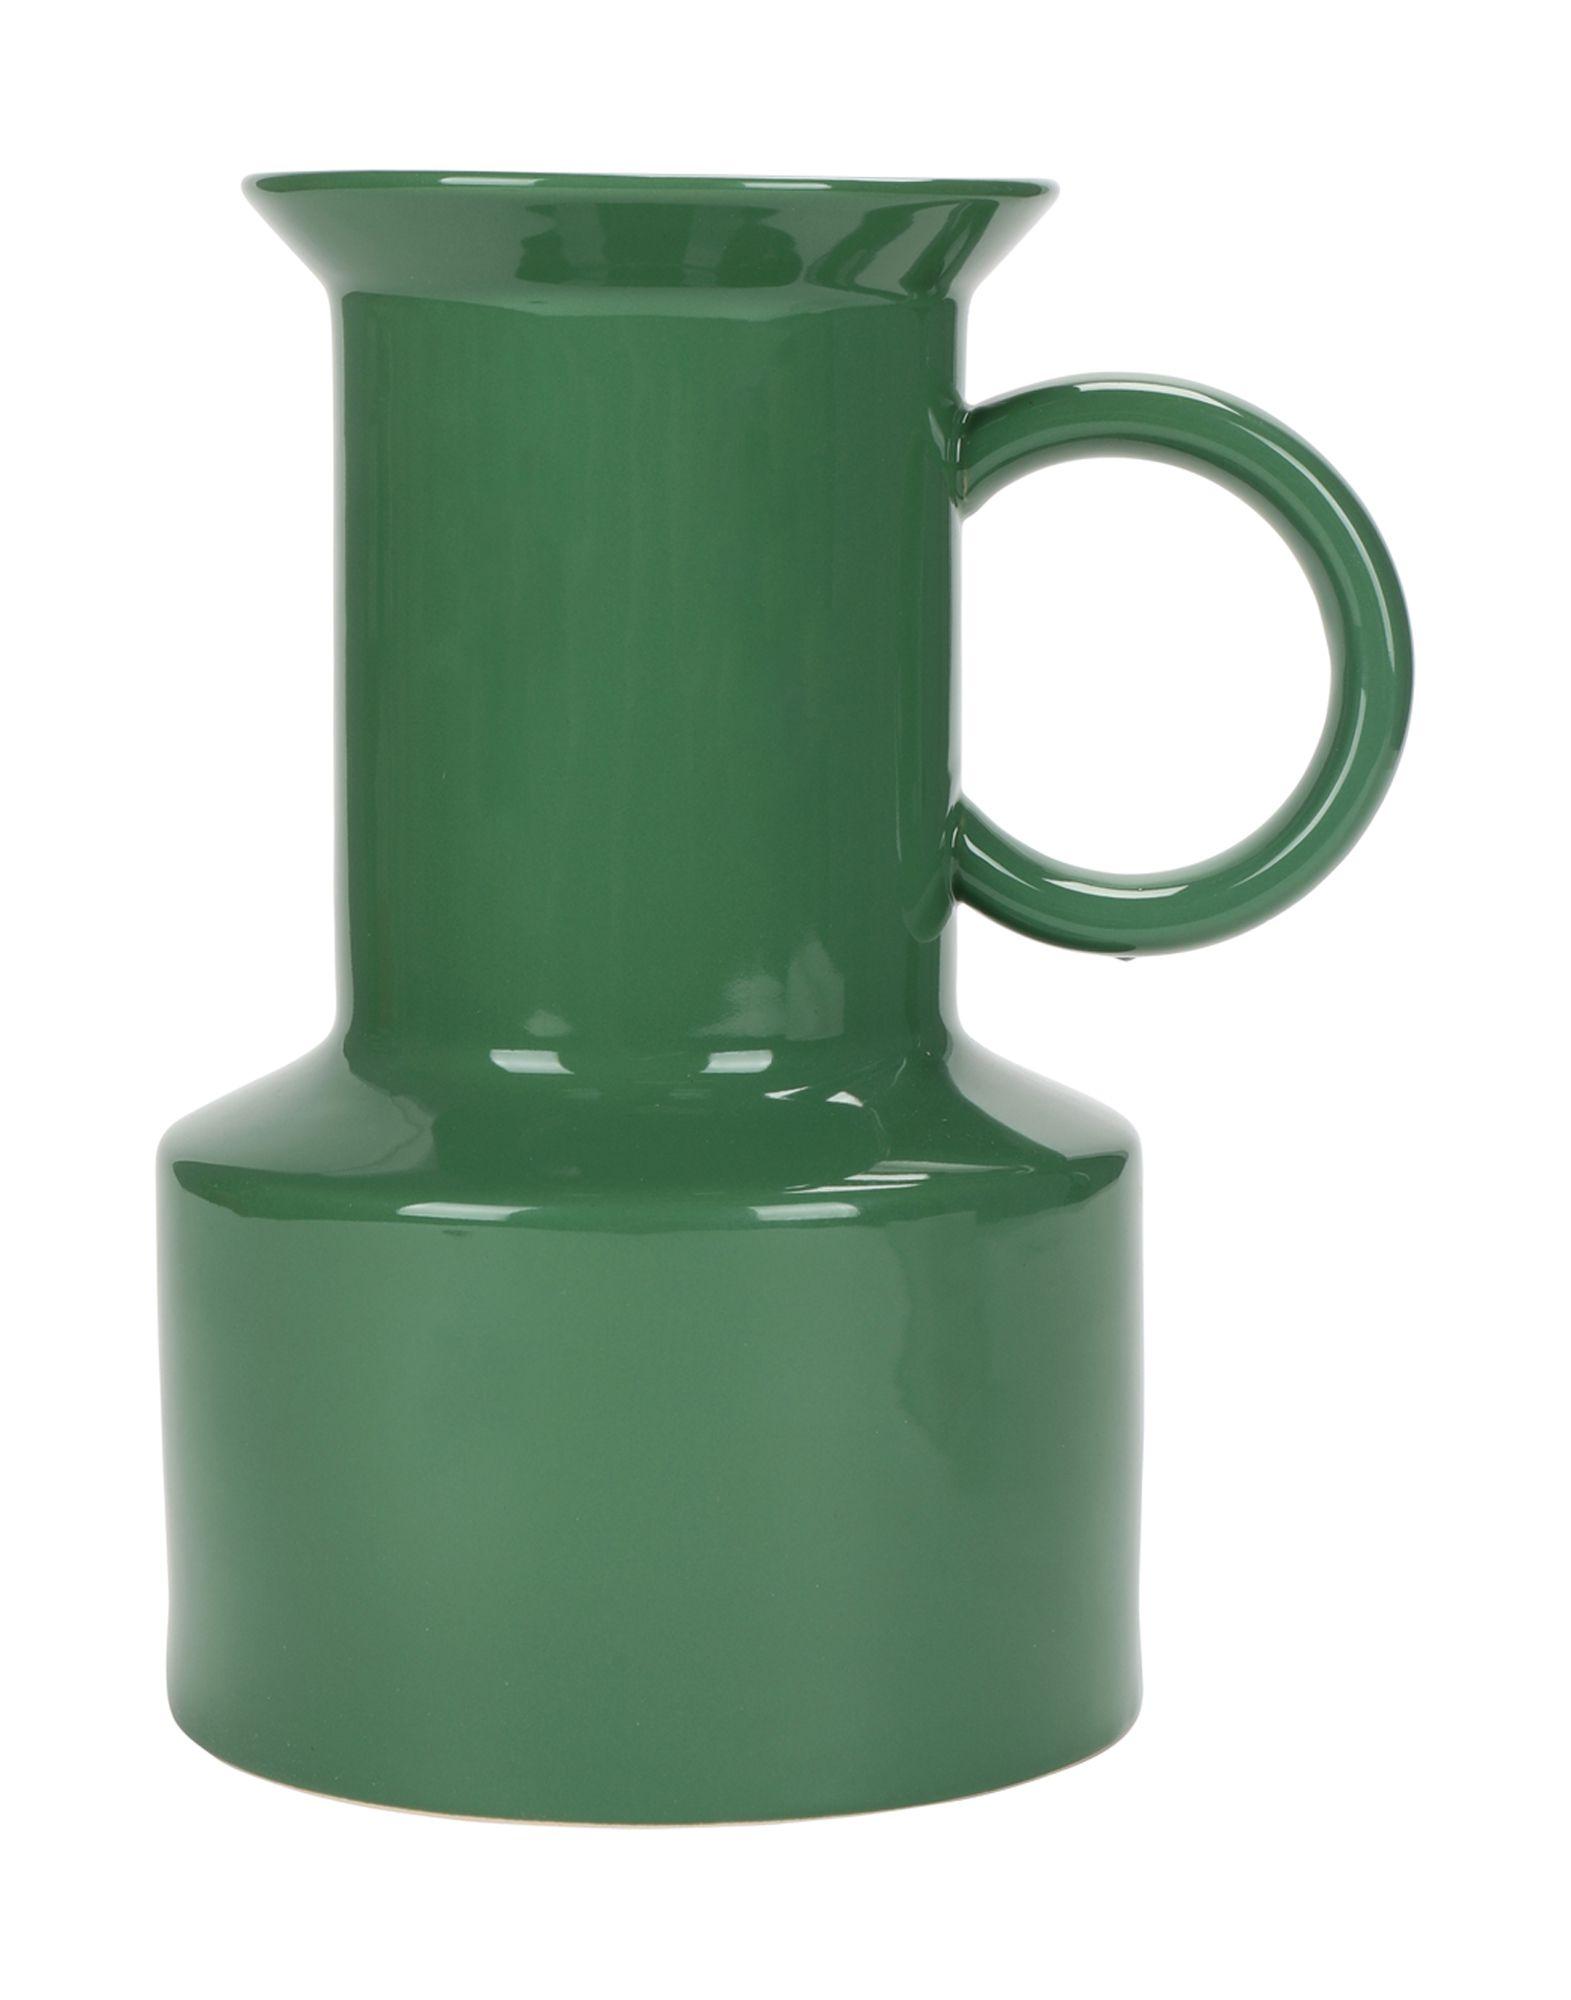 《セール開催中》NORMANN COPENHAGEN Unisex ベース グリーン 100% 陶製 TIVOLI Panto Vase